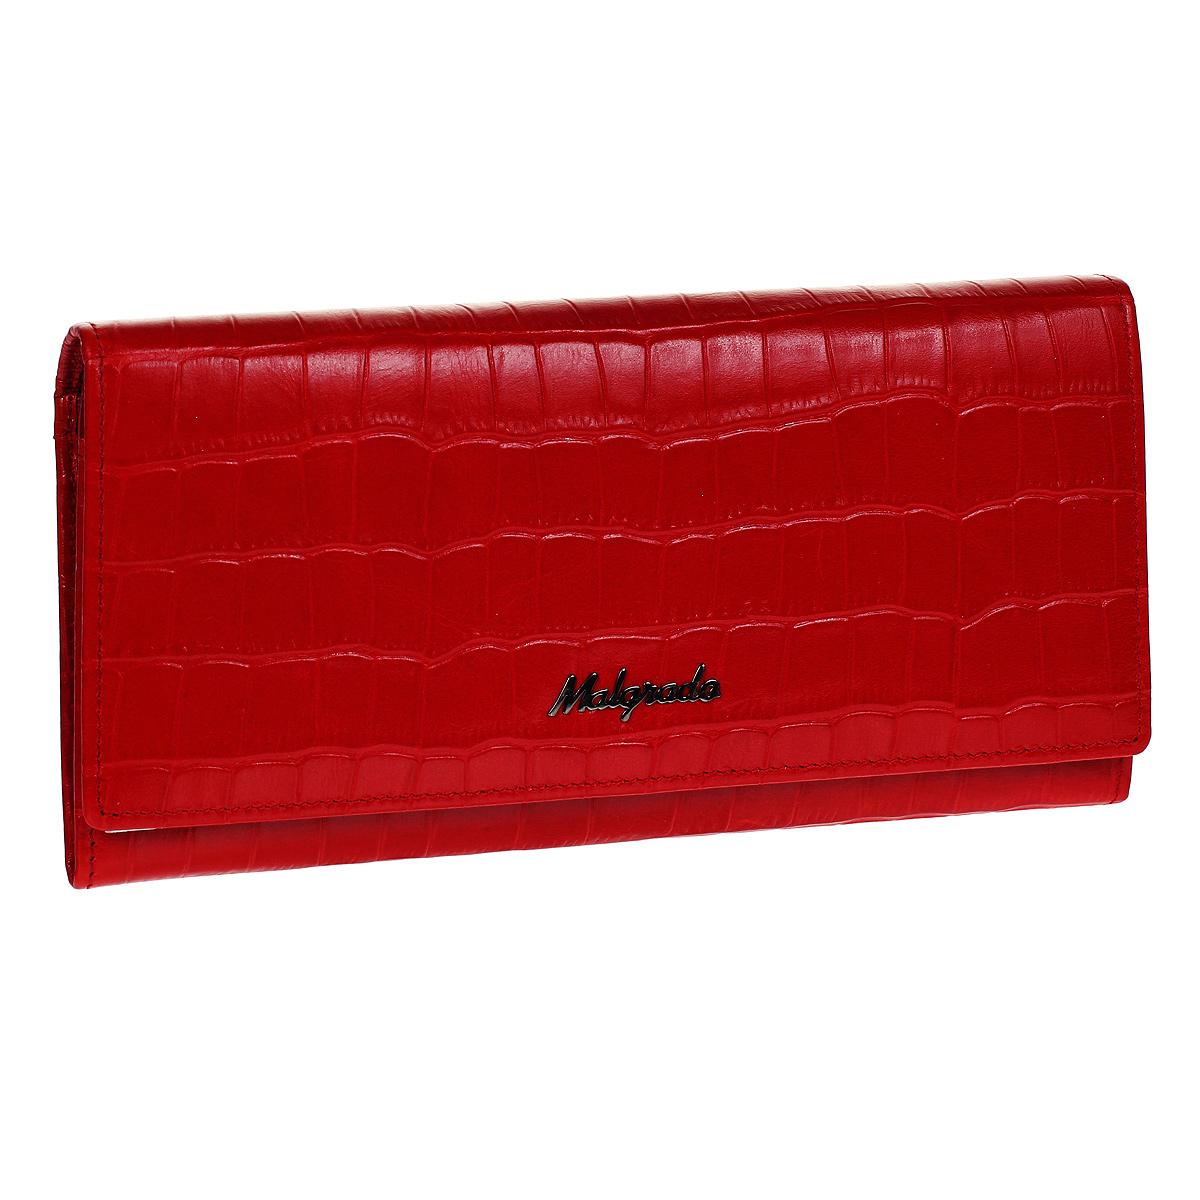 Кошелек Malgrado, цвет: красный. 72076-43702#72076-43702#Стильный кошелек Malgrado выполнен из лаковой натуральной кожи красного цвета с декоративным тиснением под крокодила. Внутри расположены пять основных отделений, два из которых на молнии, три горизонтальных кармана для бумаг, девять кармашков для кредитных карт, карман с клапаном и три отделения для купюр. На внешней стороне кошелька расположен карман на молнии. Кошелек упакован в подарочную металлическую коробку с логотипом фирмы. Такой кошелек станет замечательным подарком человеку, ценящему качественные и практичные вещи.